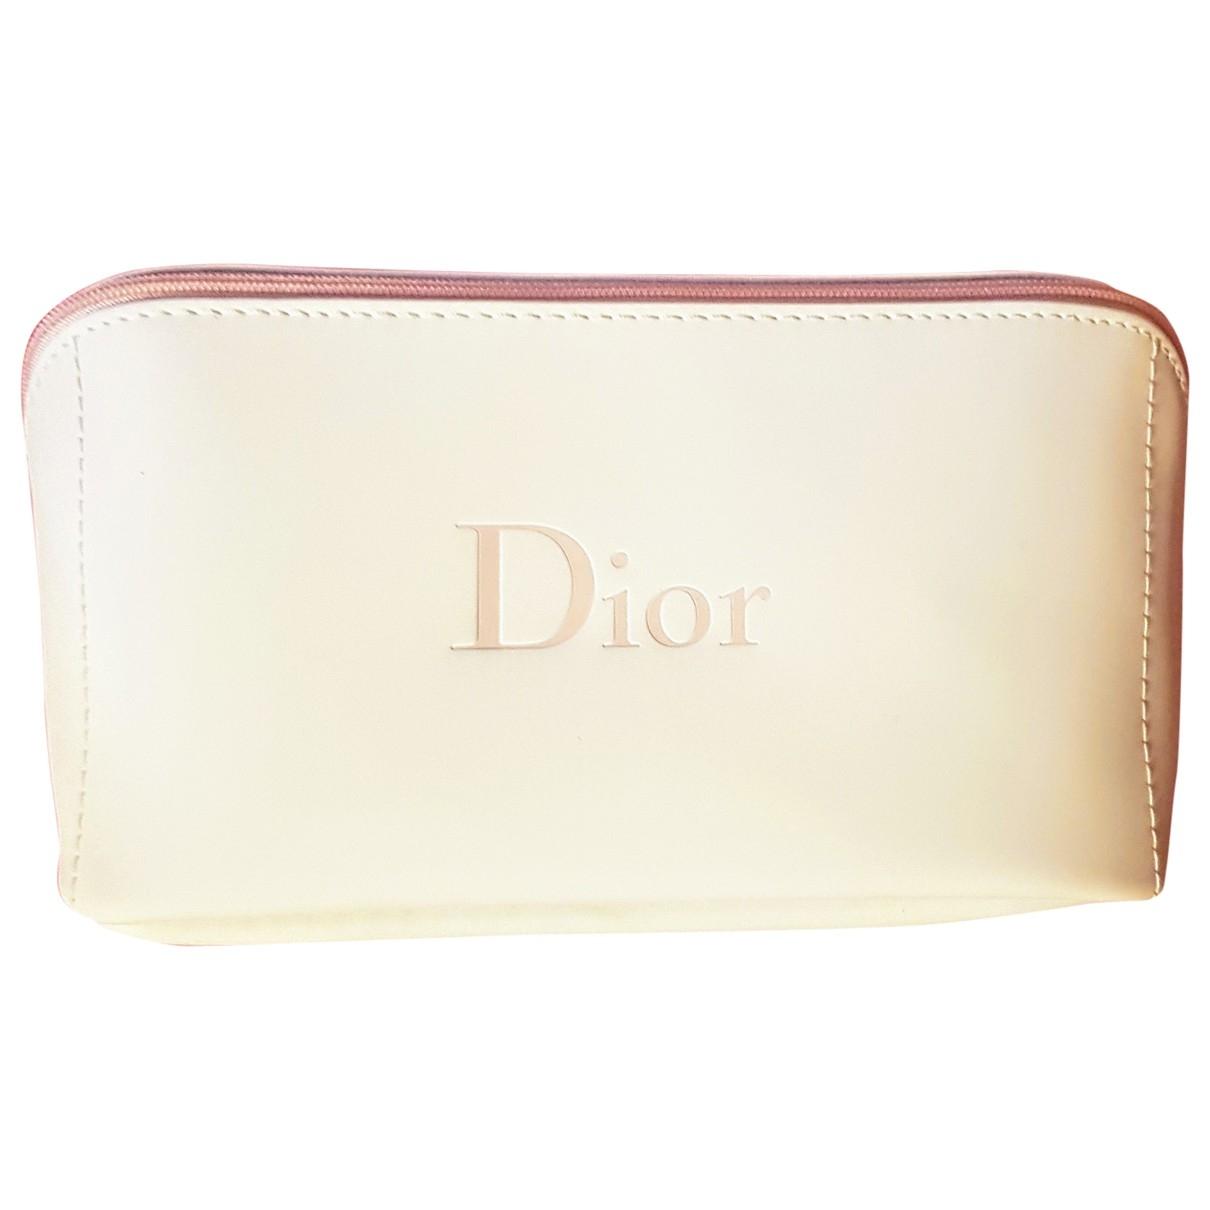 Dior - Sac de voyage   pour femme - blanc